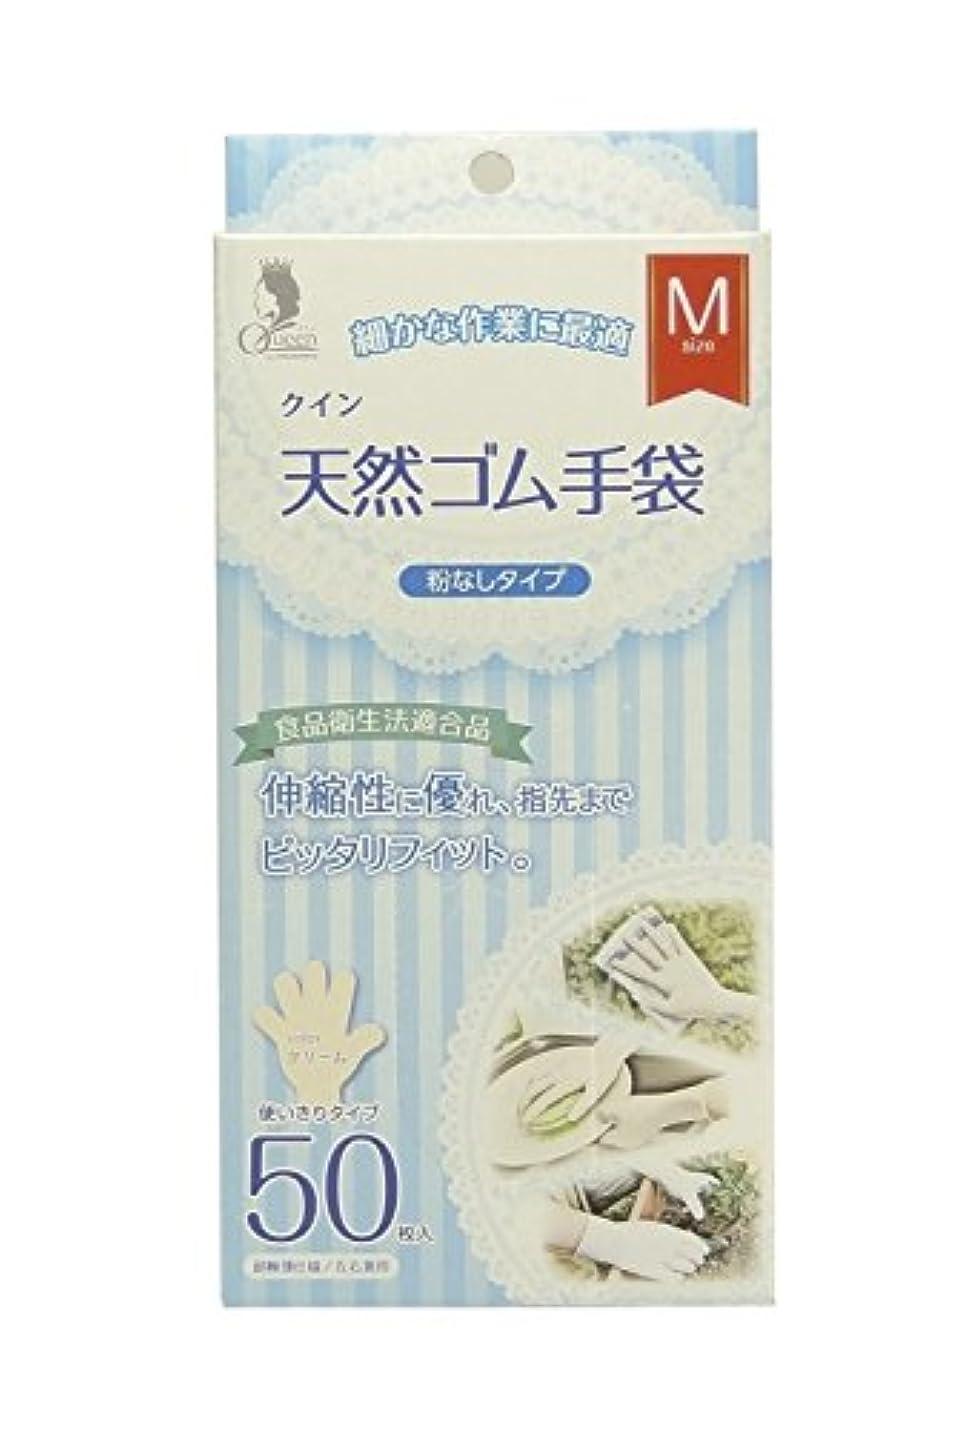 シュリンクアジテーション若者宇都宮製作 クイン 天然ゴム手袋(パウダーフリー) M 50枚